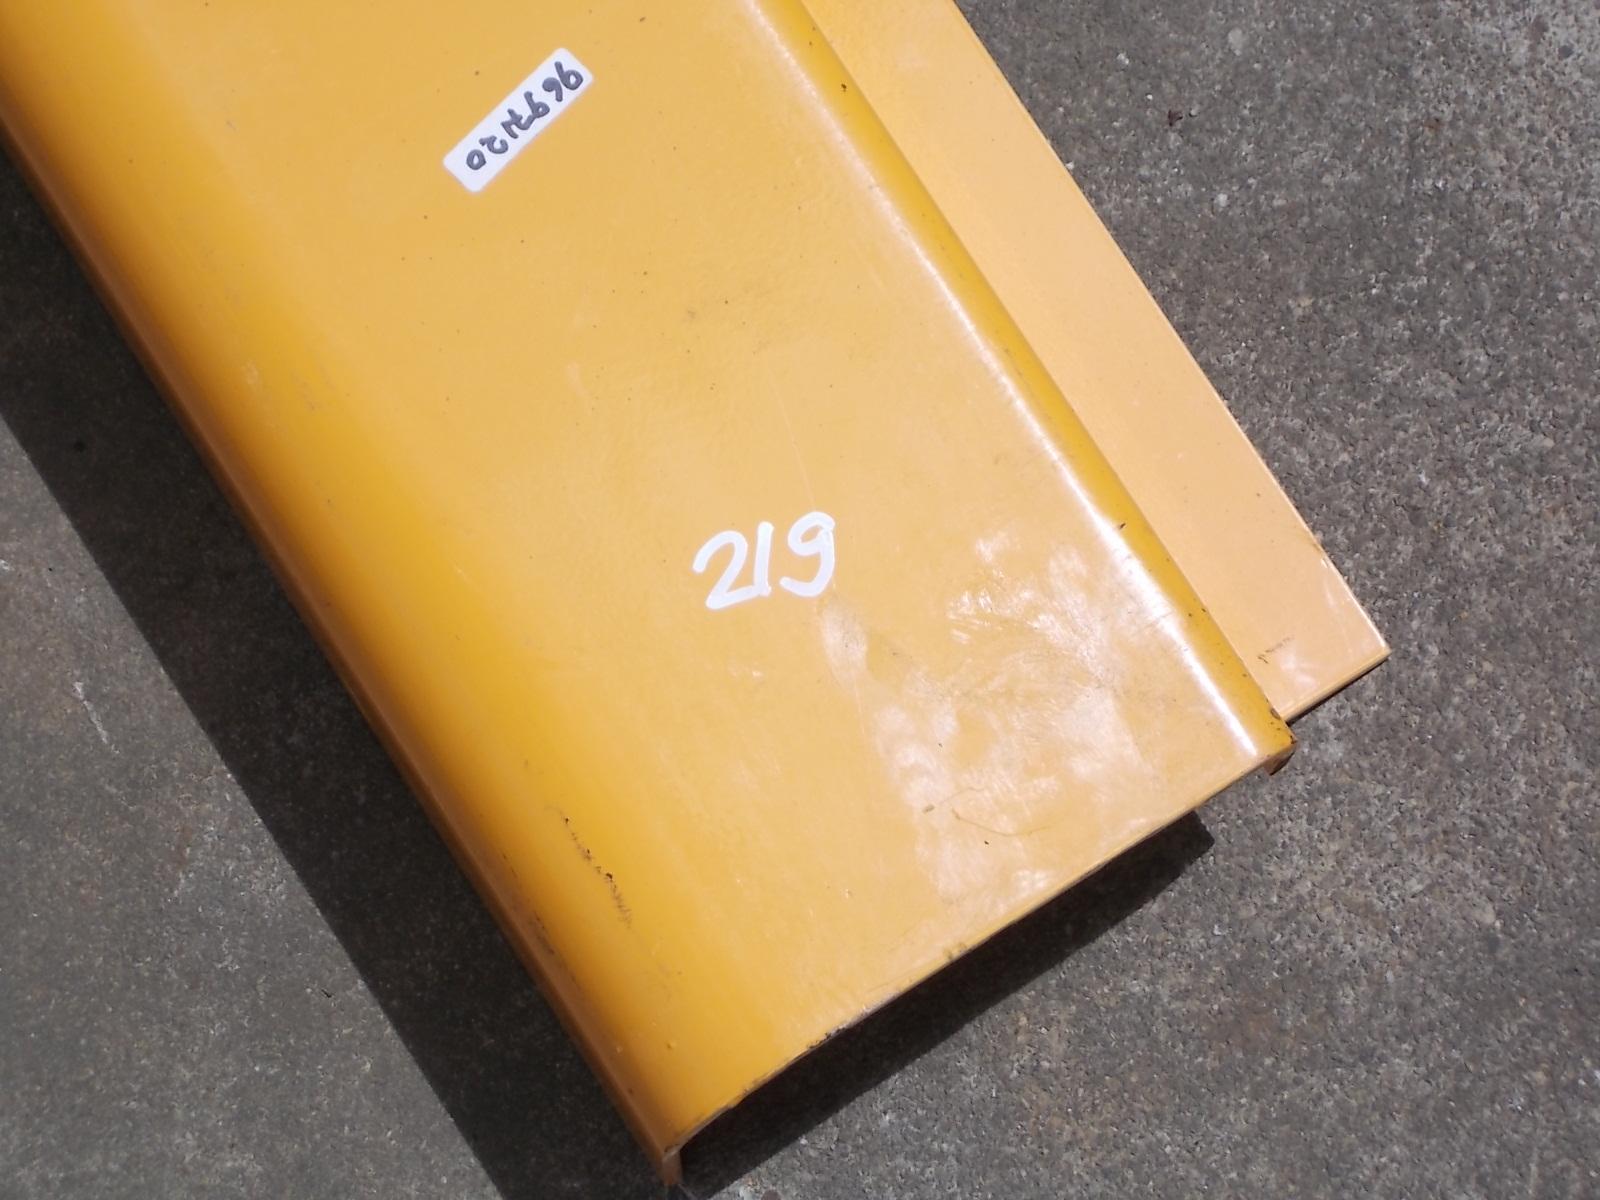 DSCN0958.JPG